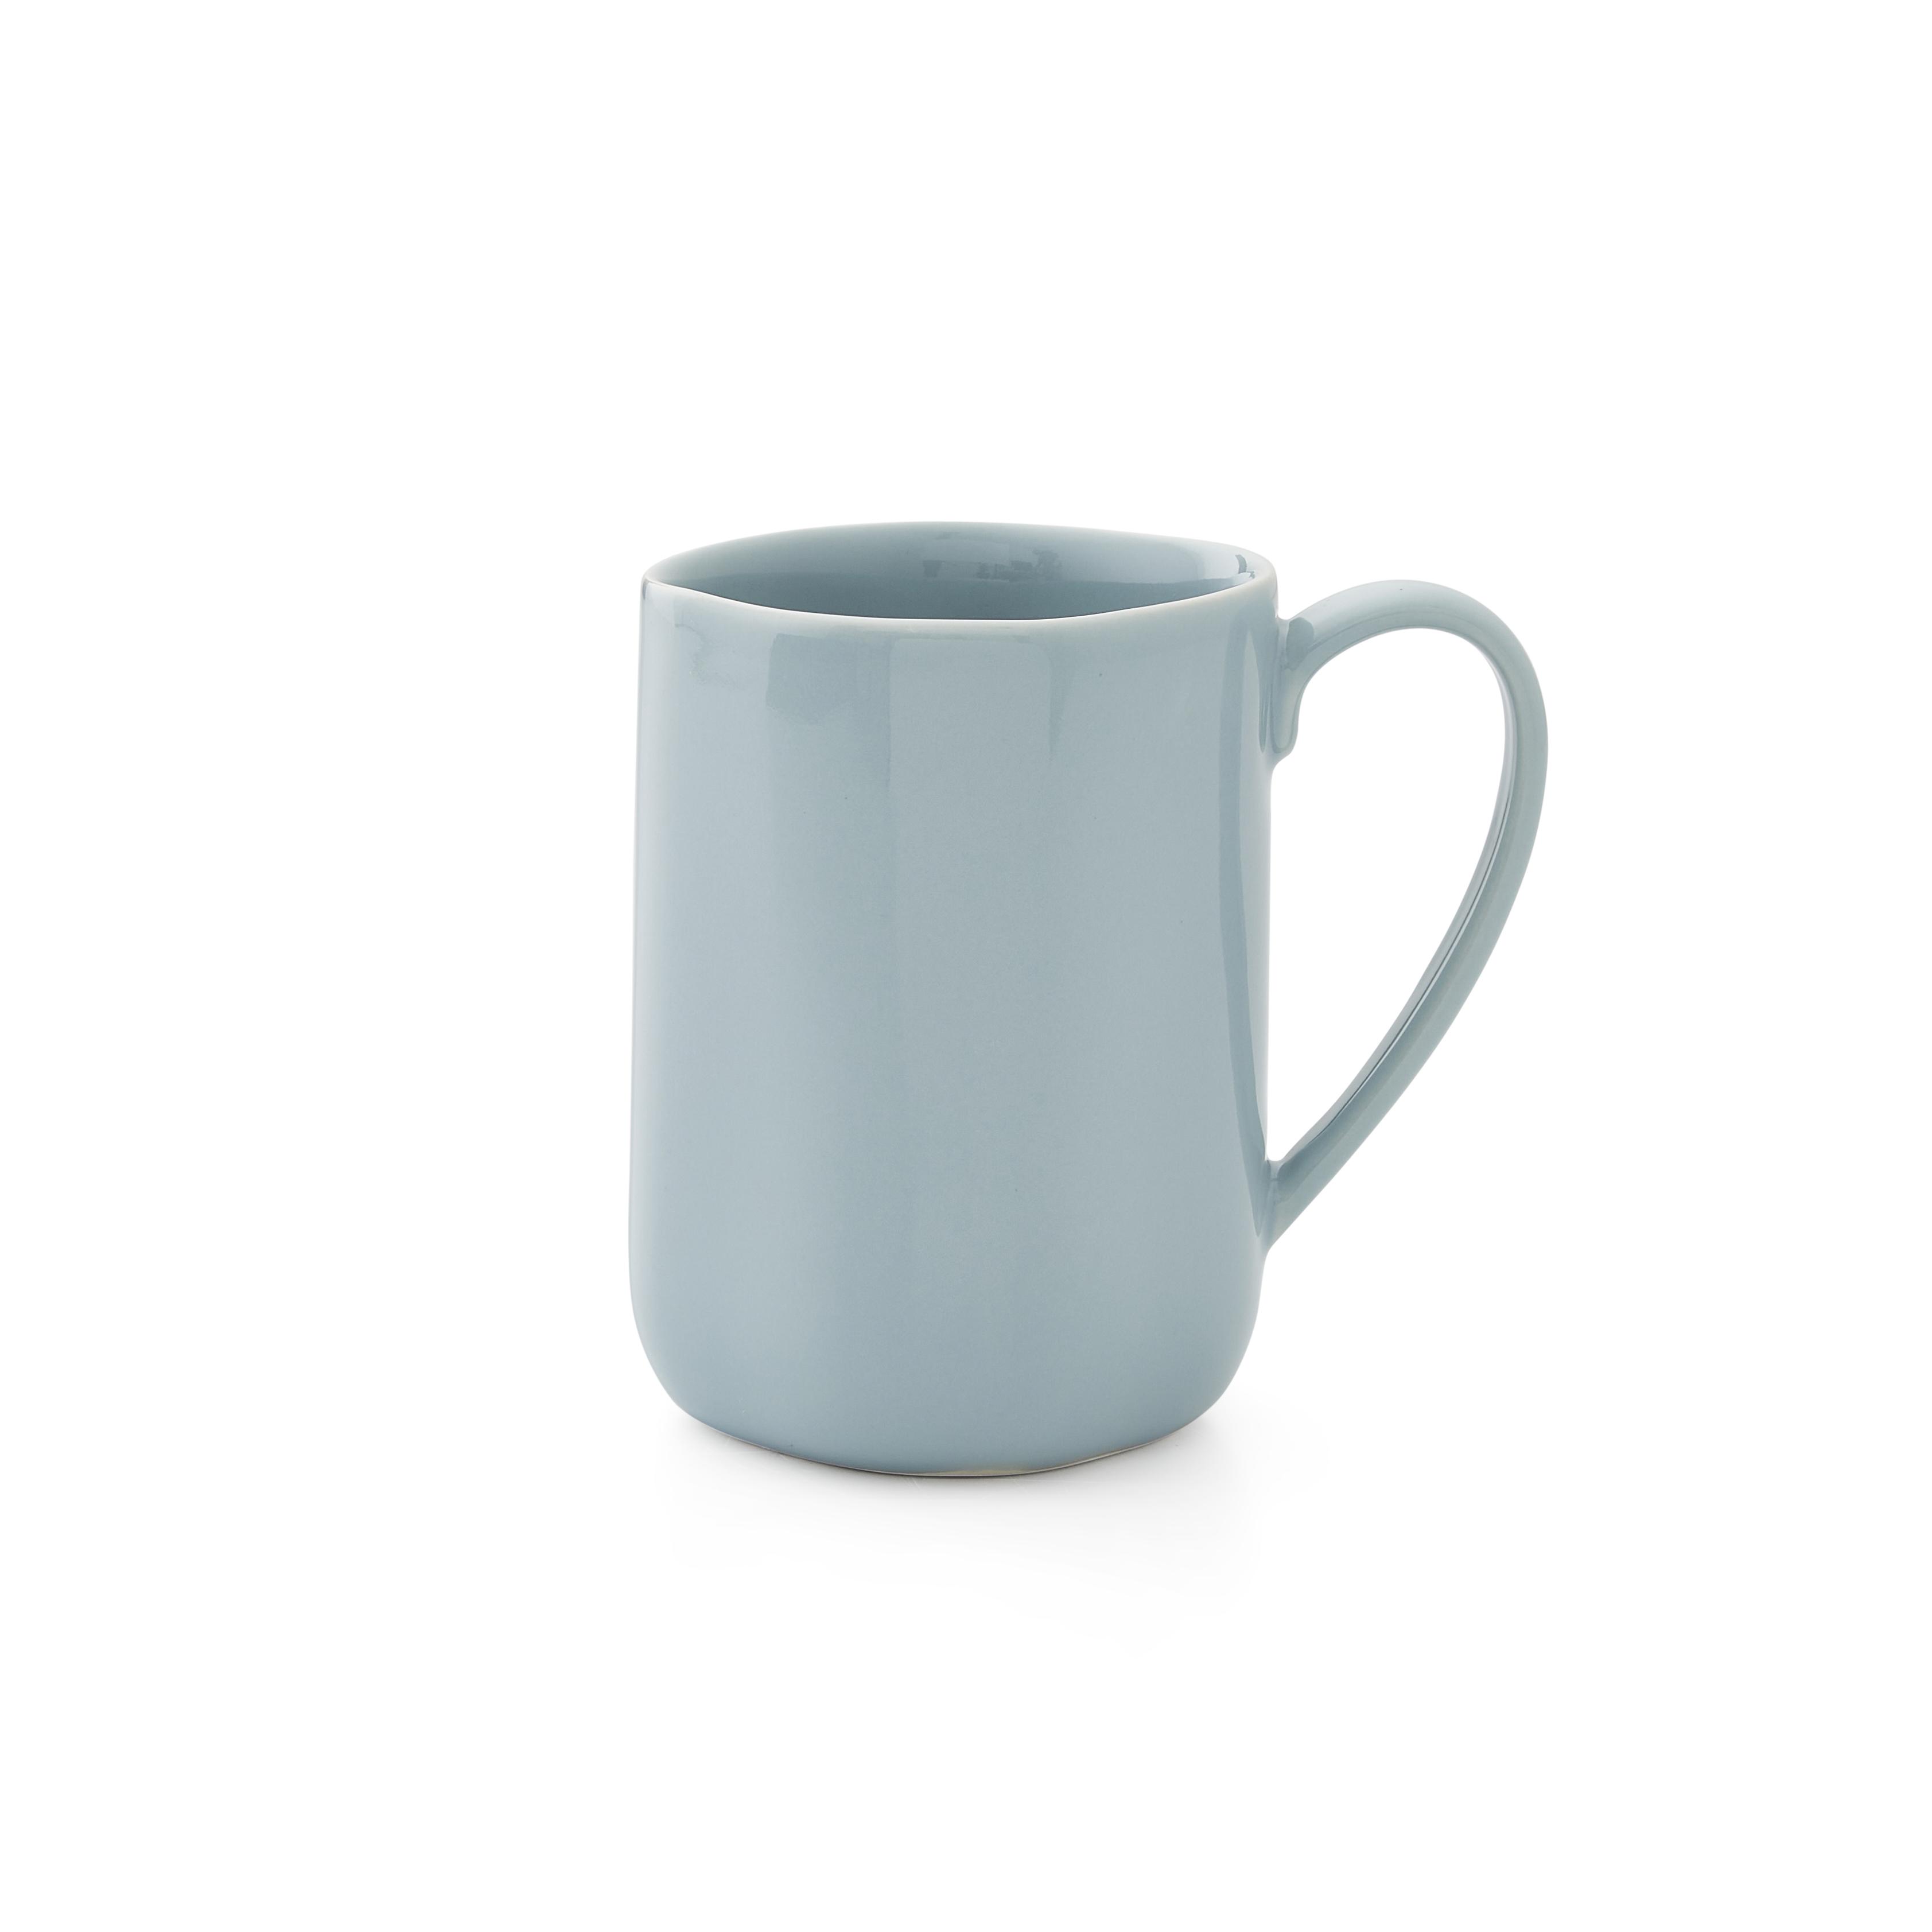 VGC 2x Pair of Portmeirion Sophie Conran Beige Faun Ridged Textured Mug